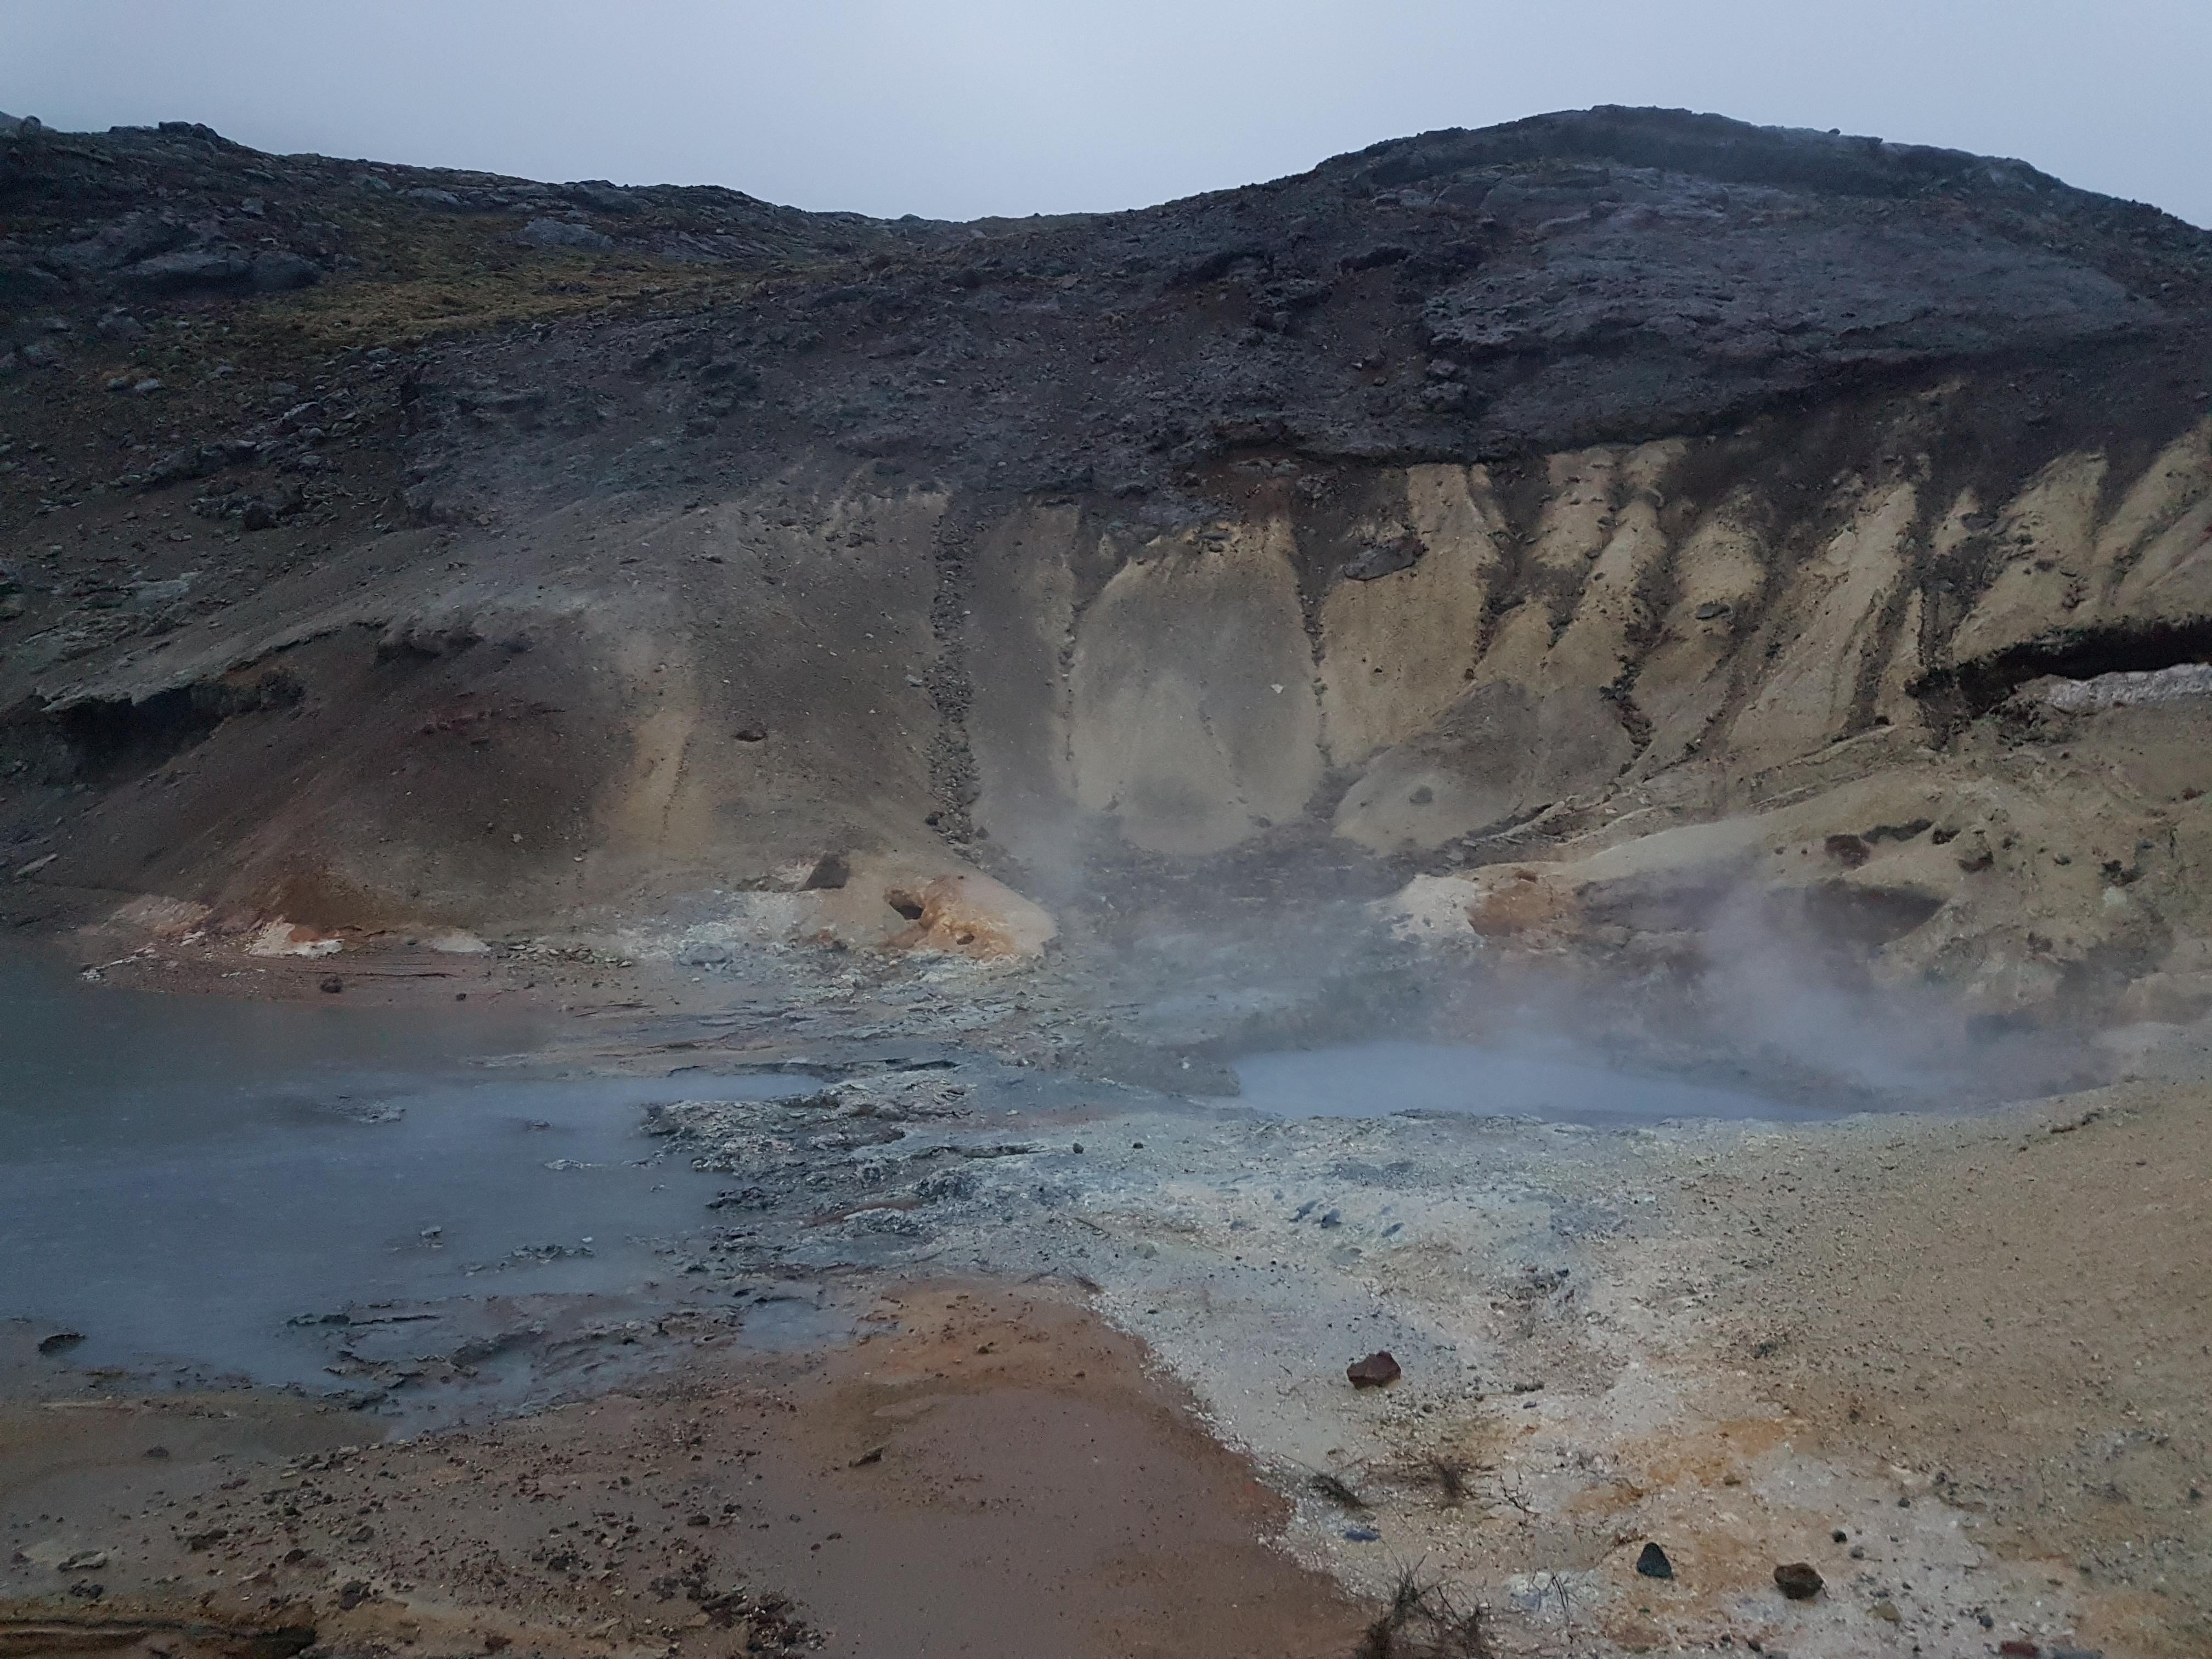 Islande boue bouillonnante 1